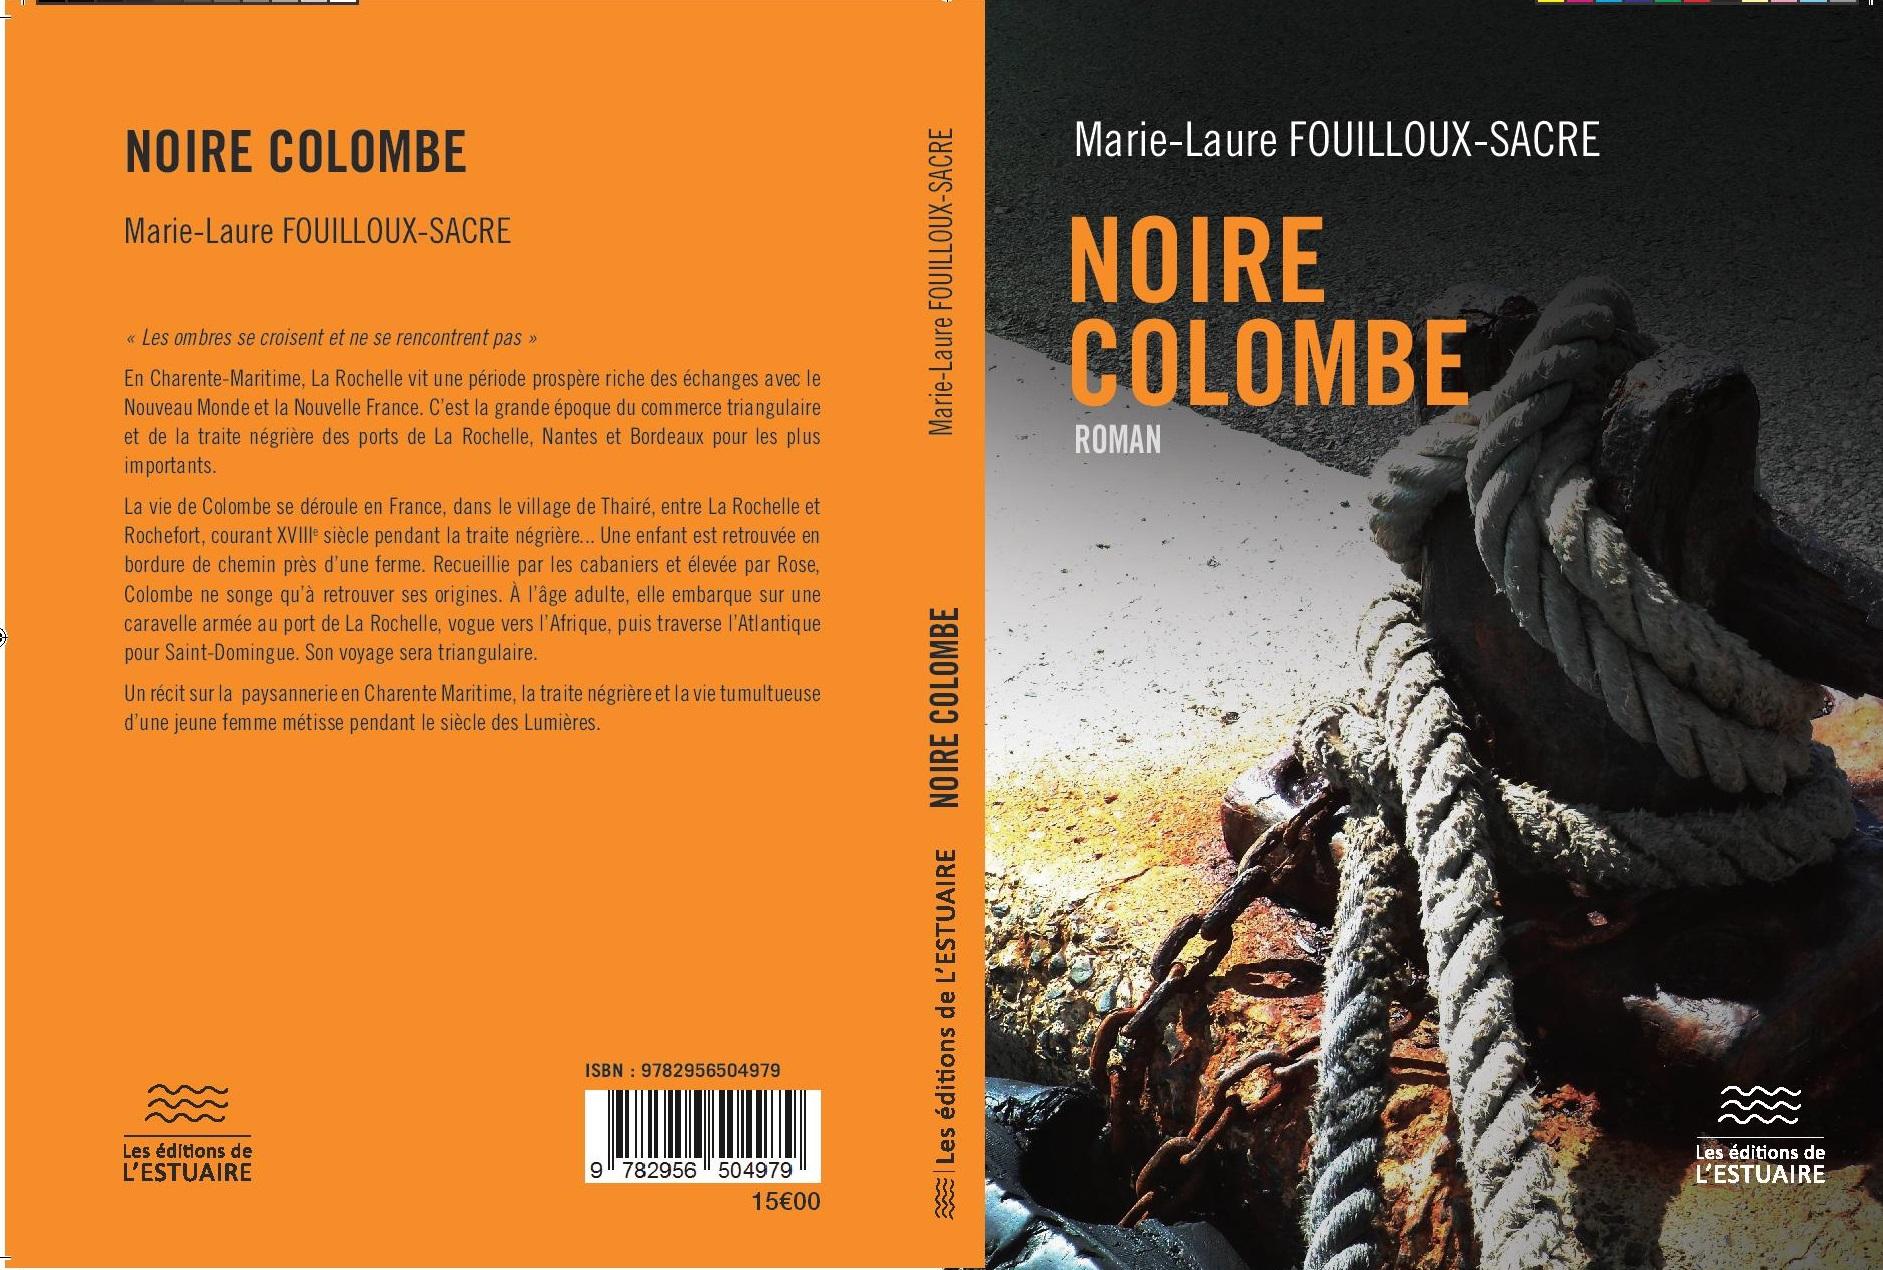 COUV-NOIRE-COLOMBRE-page-001